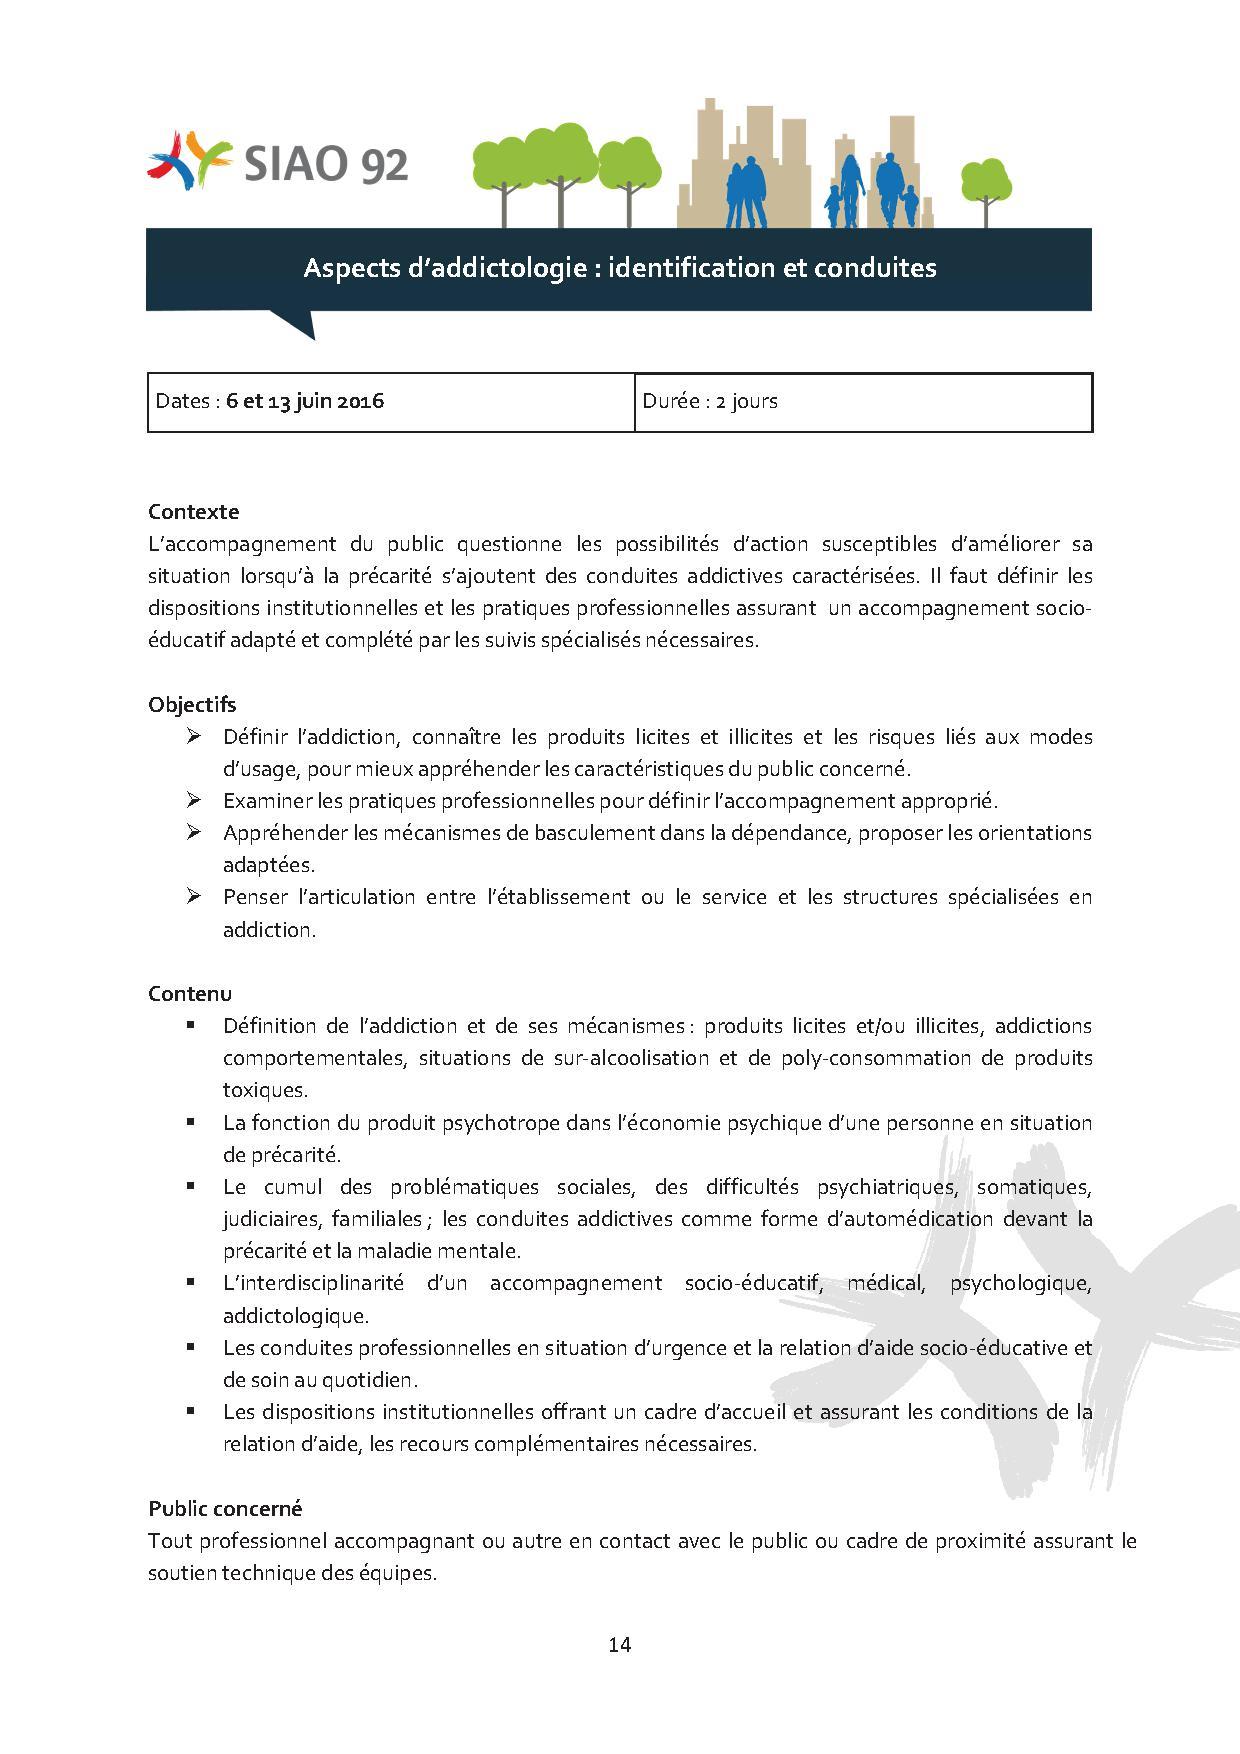 Formation - Aspect d'addictologie des publics, identification et conduites